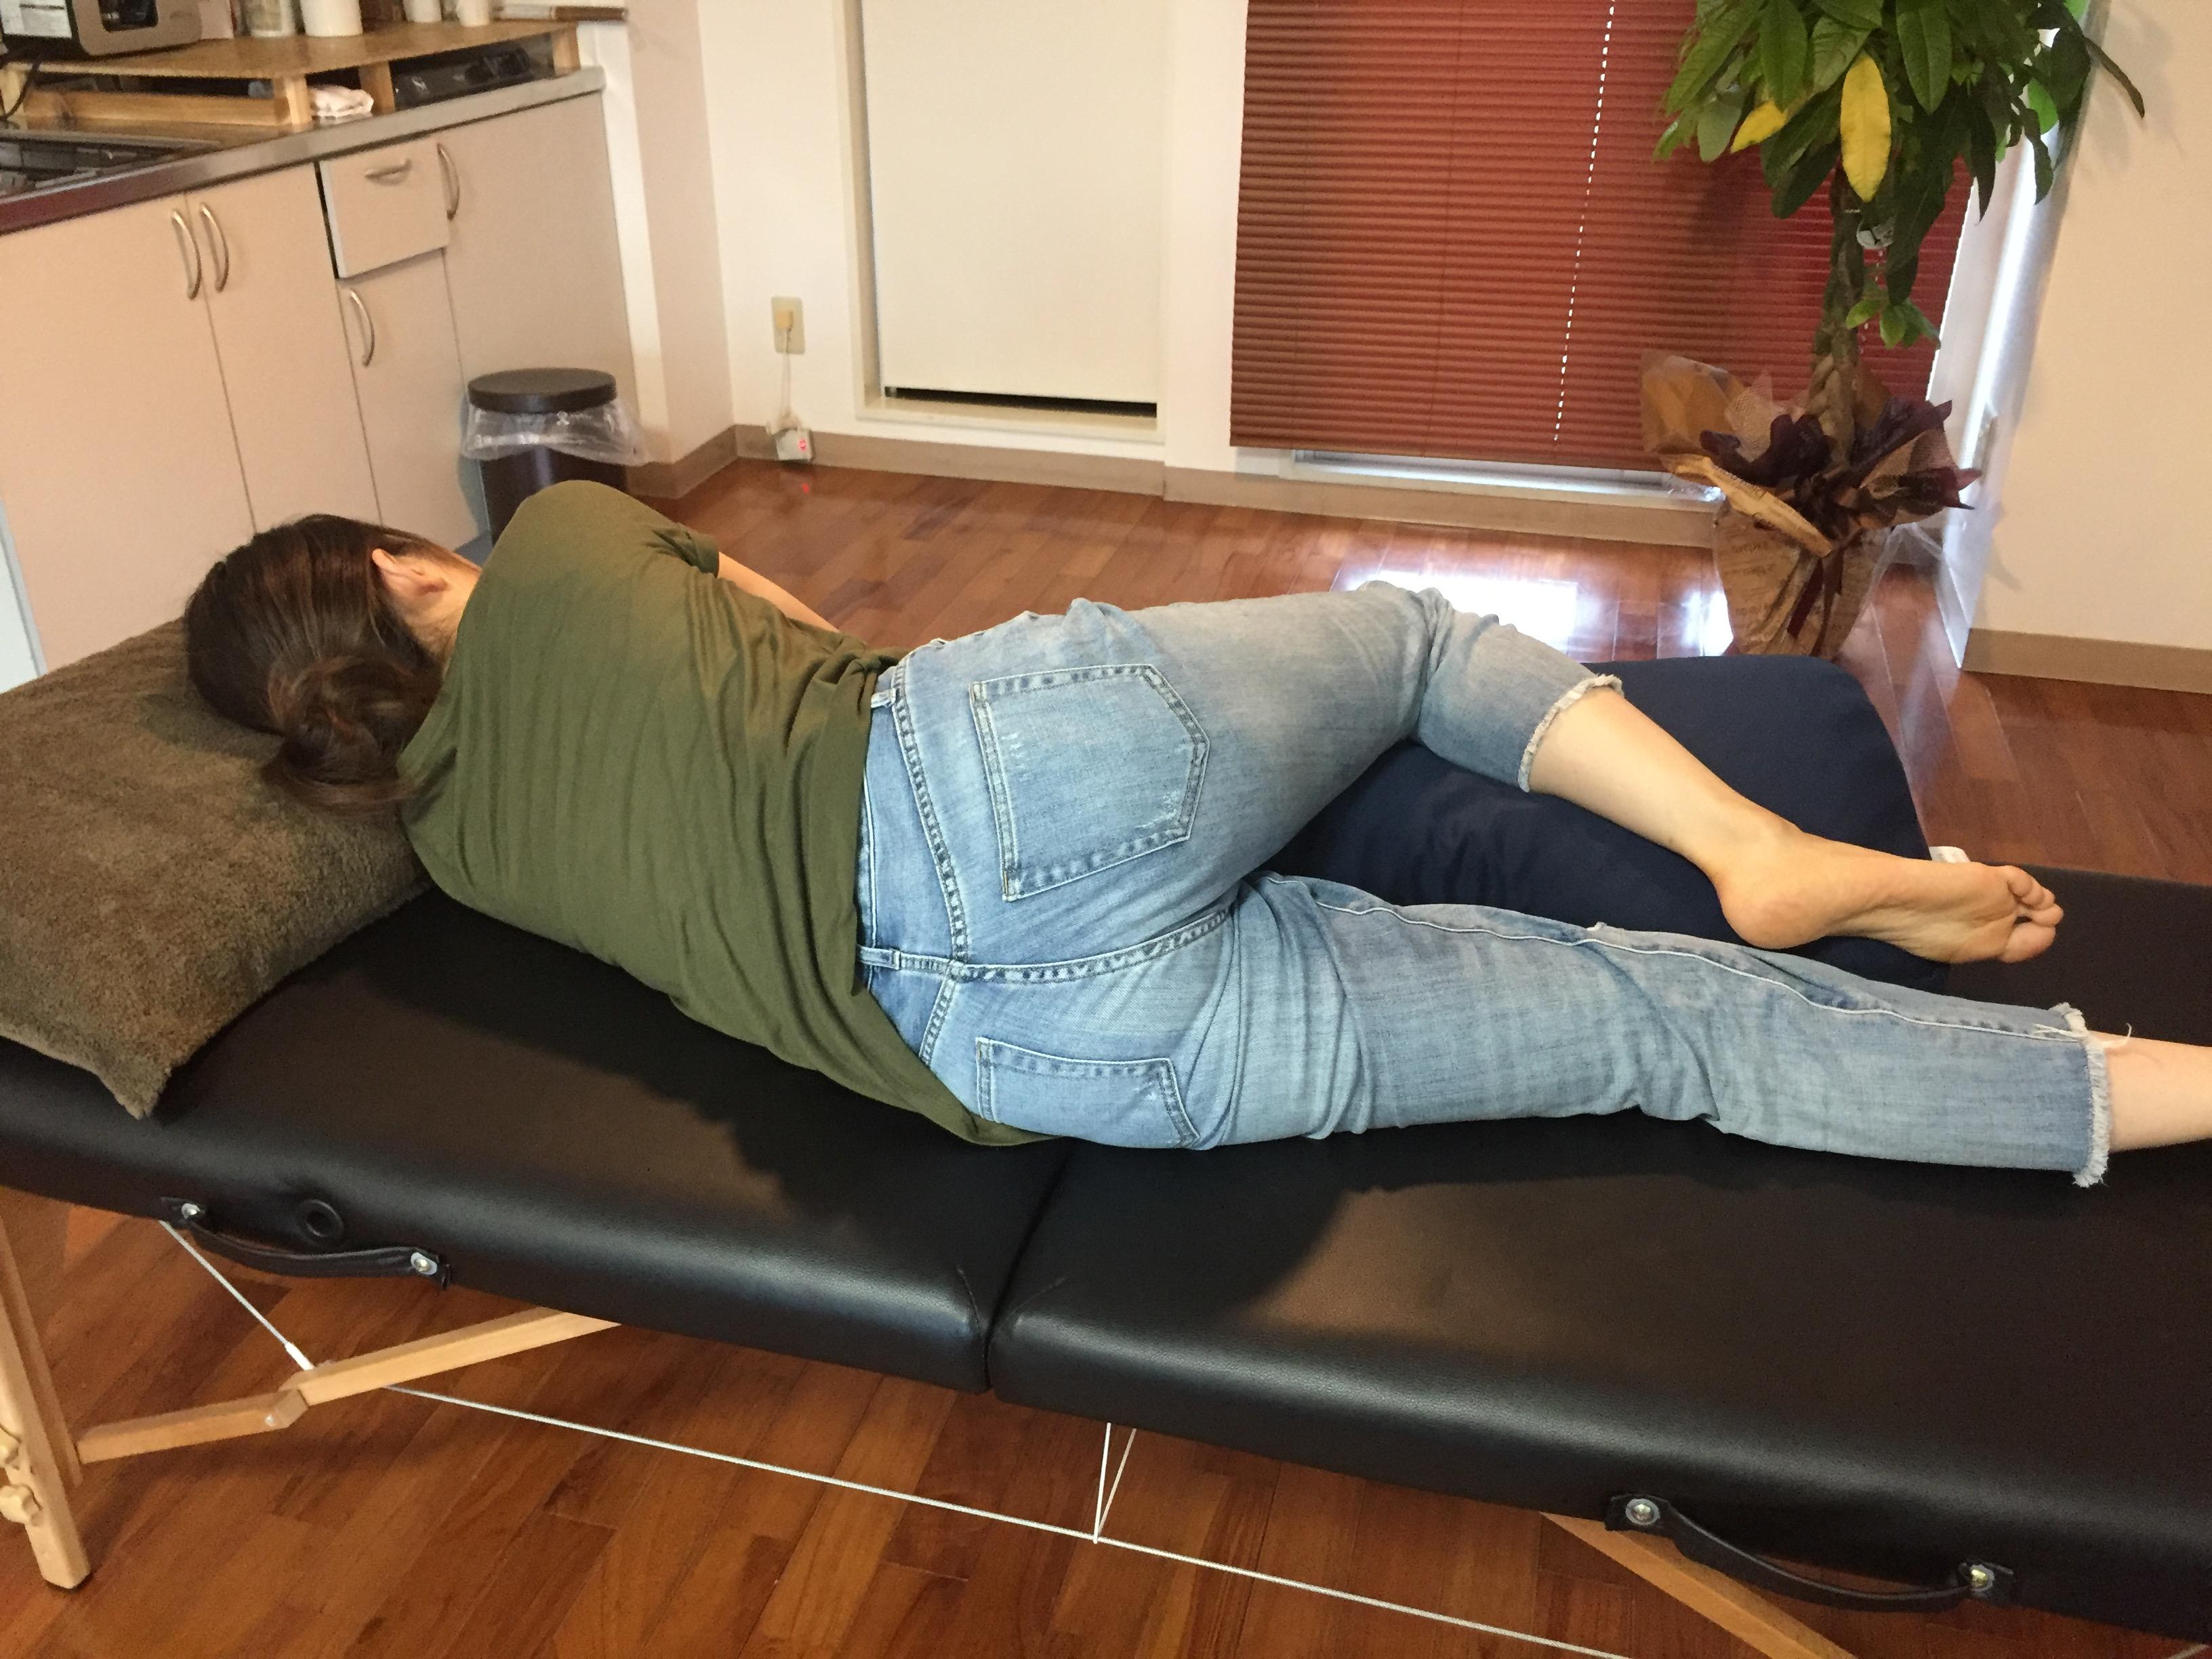 お尻から足裏までシビレのような坐骨神経痛様の痛みを手首から解決!